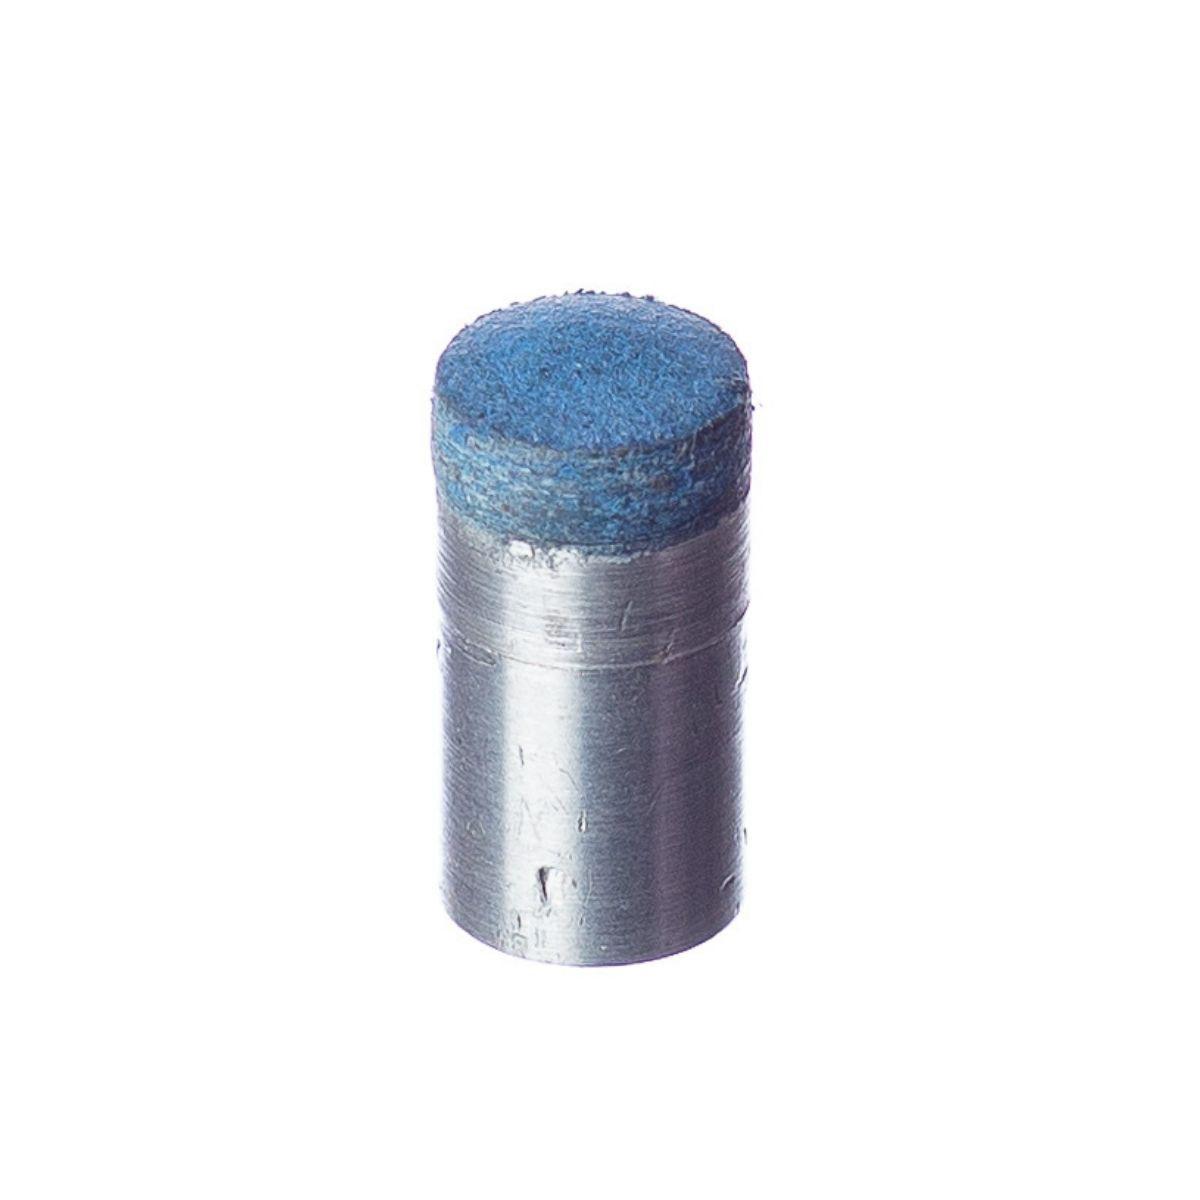 Virola De Alumínio Com Sola Acoplada Para Tacos De Bilhar - 11mm